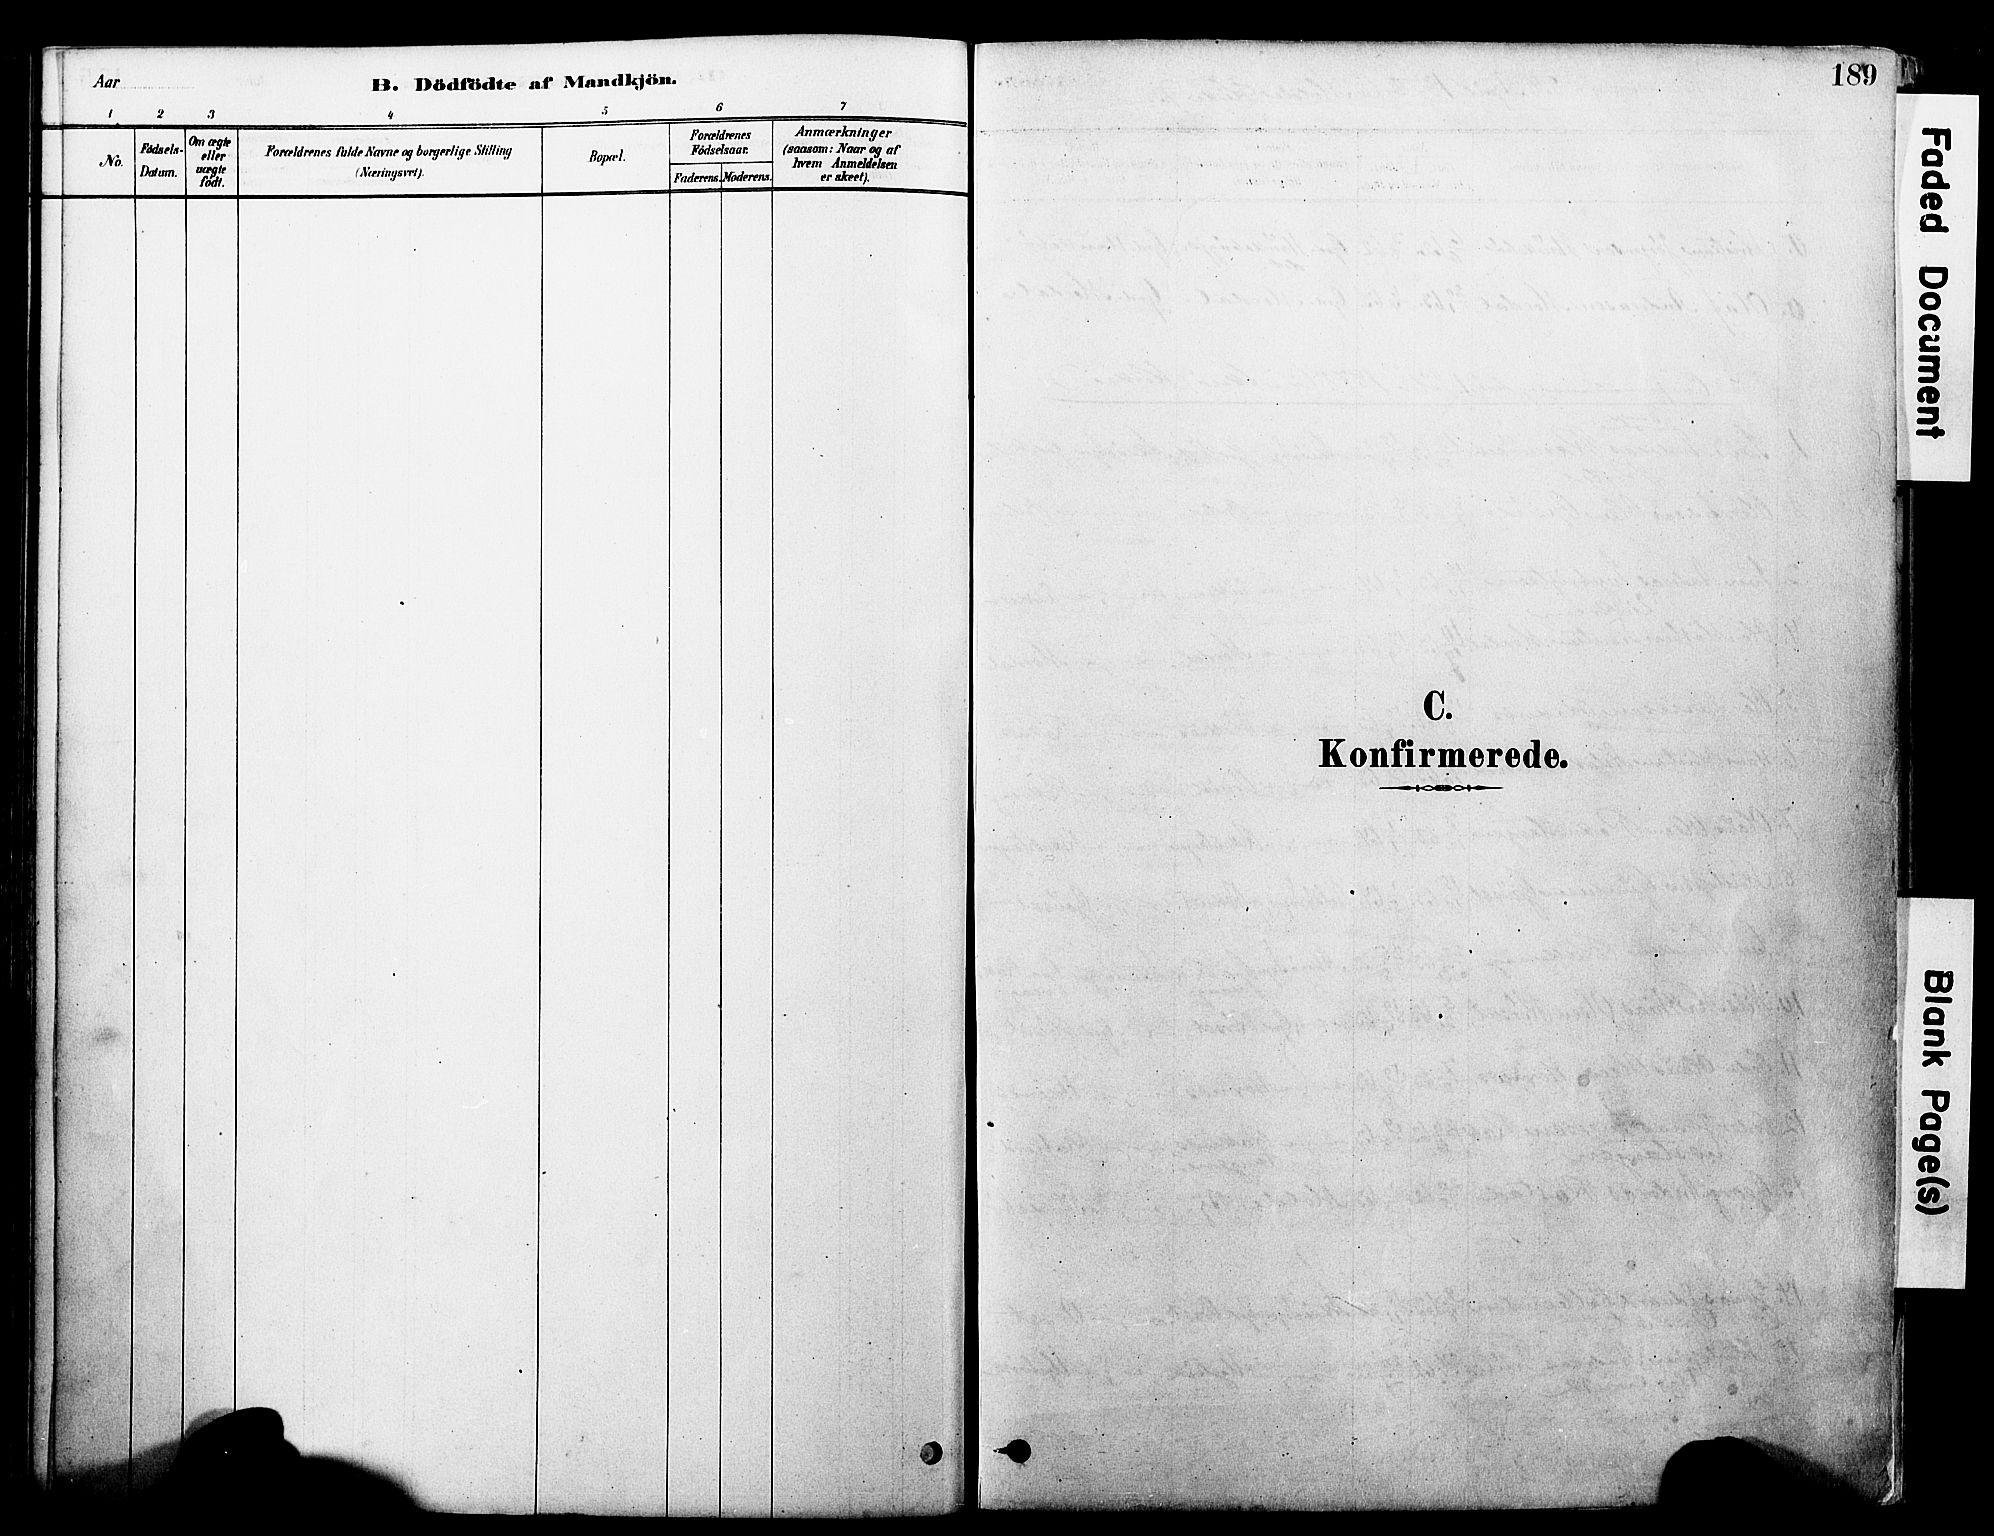 SAT, Ministerialprotokoller, klokkerbøker og fødselsregistre - Møre og Romsdal, 560/L0721: Parish register (official) no. 560A05, 1878-1917, p. 189